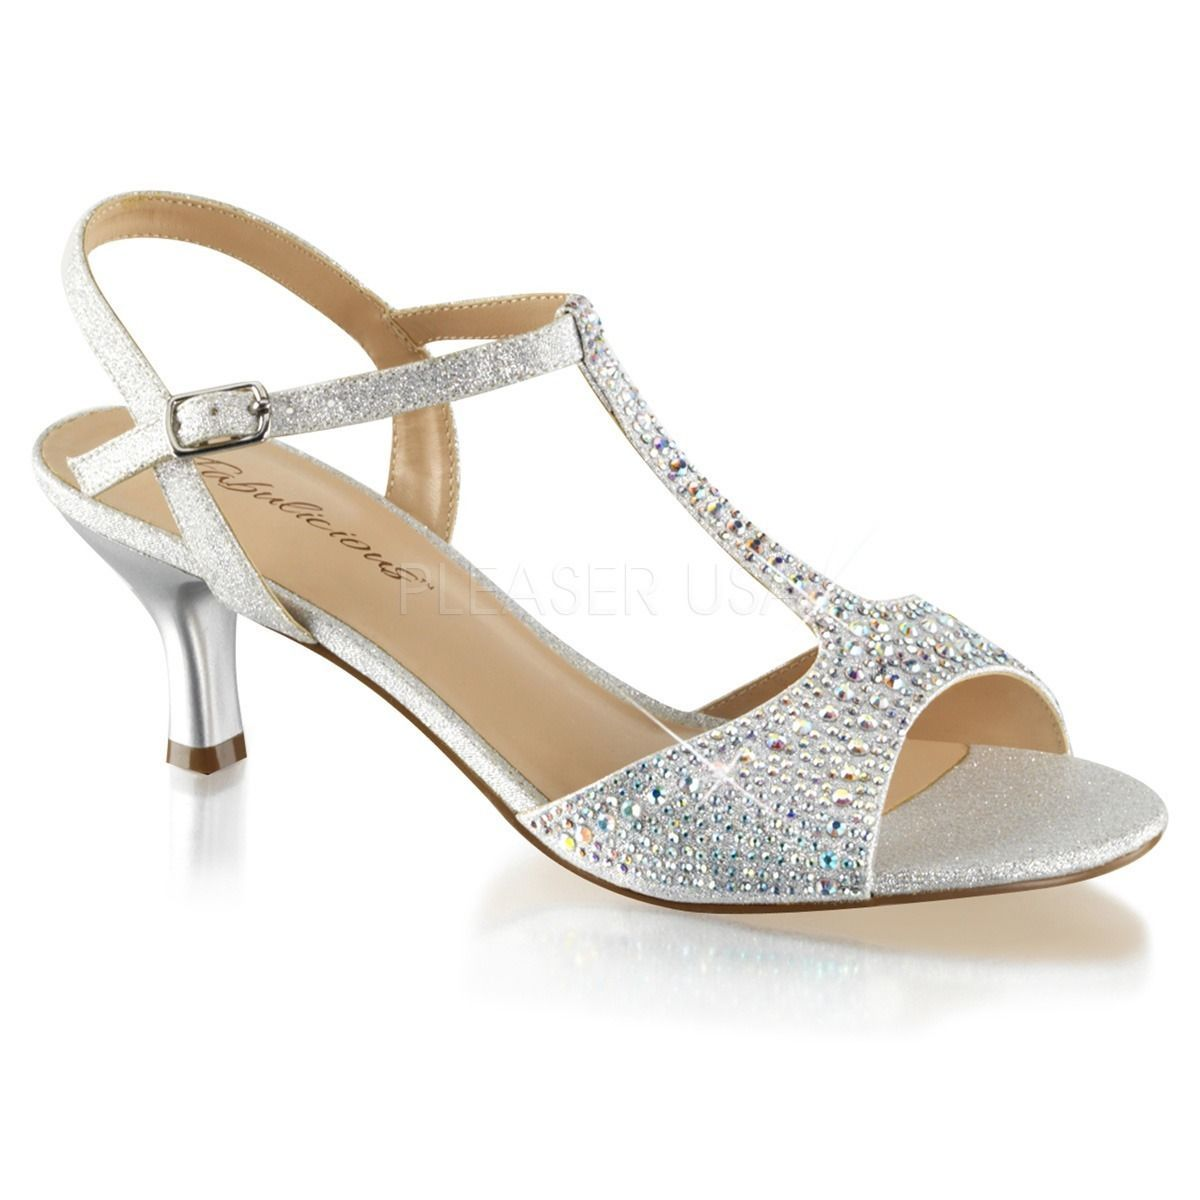 Silvery 2 5 Low Heel Fancy T Strap Sandal Women S Sz 5 6 7 8 9 10 11 Open Toe Wedding Shoes Heels Silver Wedding Shoes Flapper Shoes